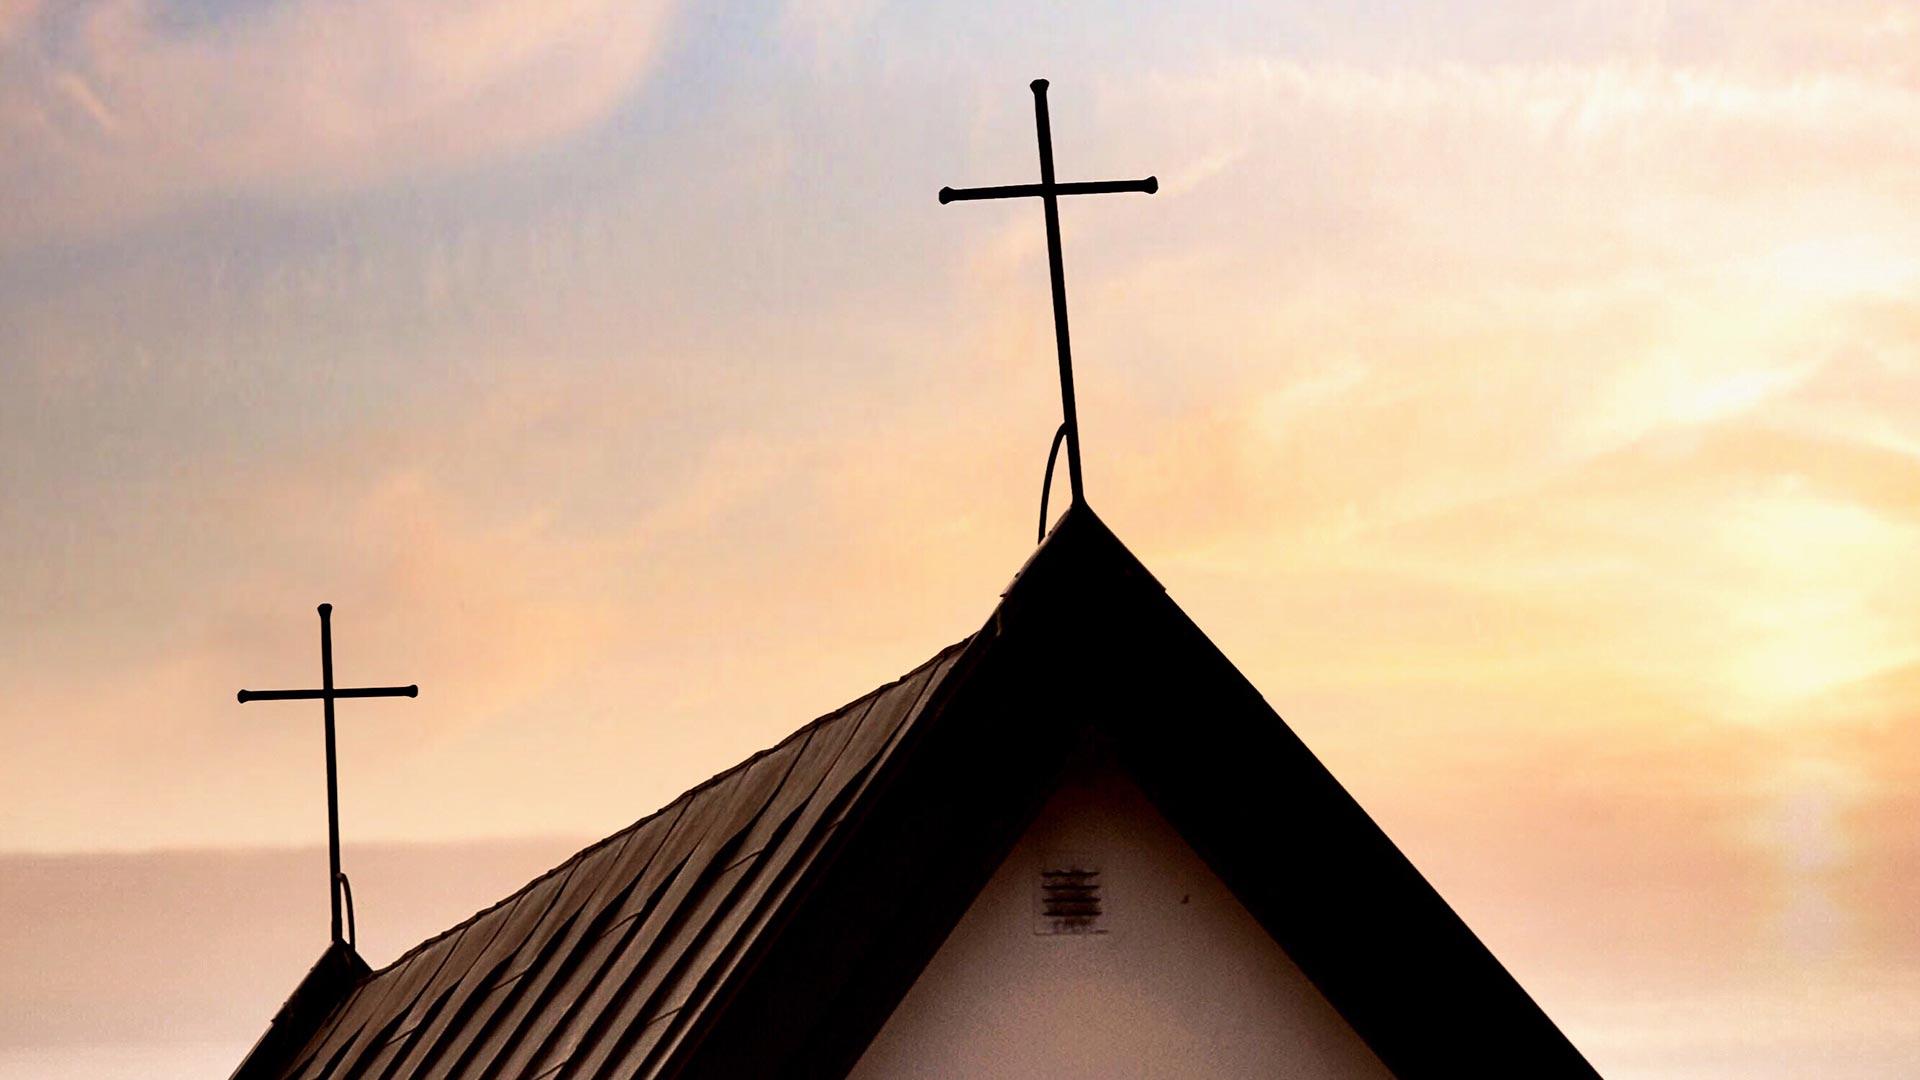 Iglesia - FOTOS y VÍDEOS 360 para descargar - Descargas360.com